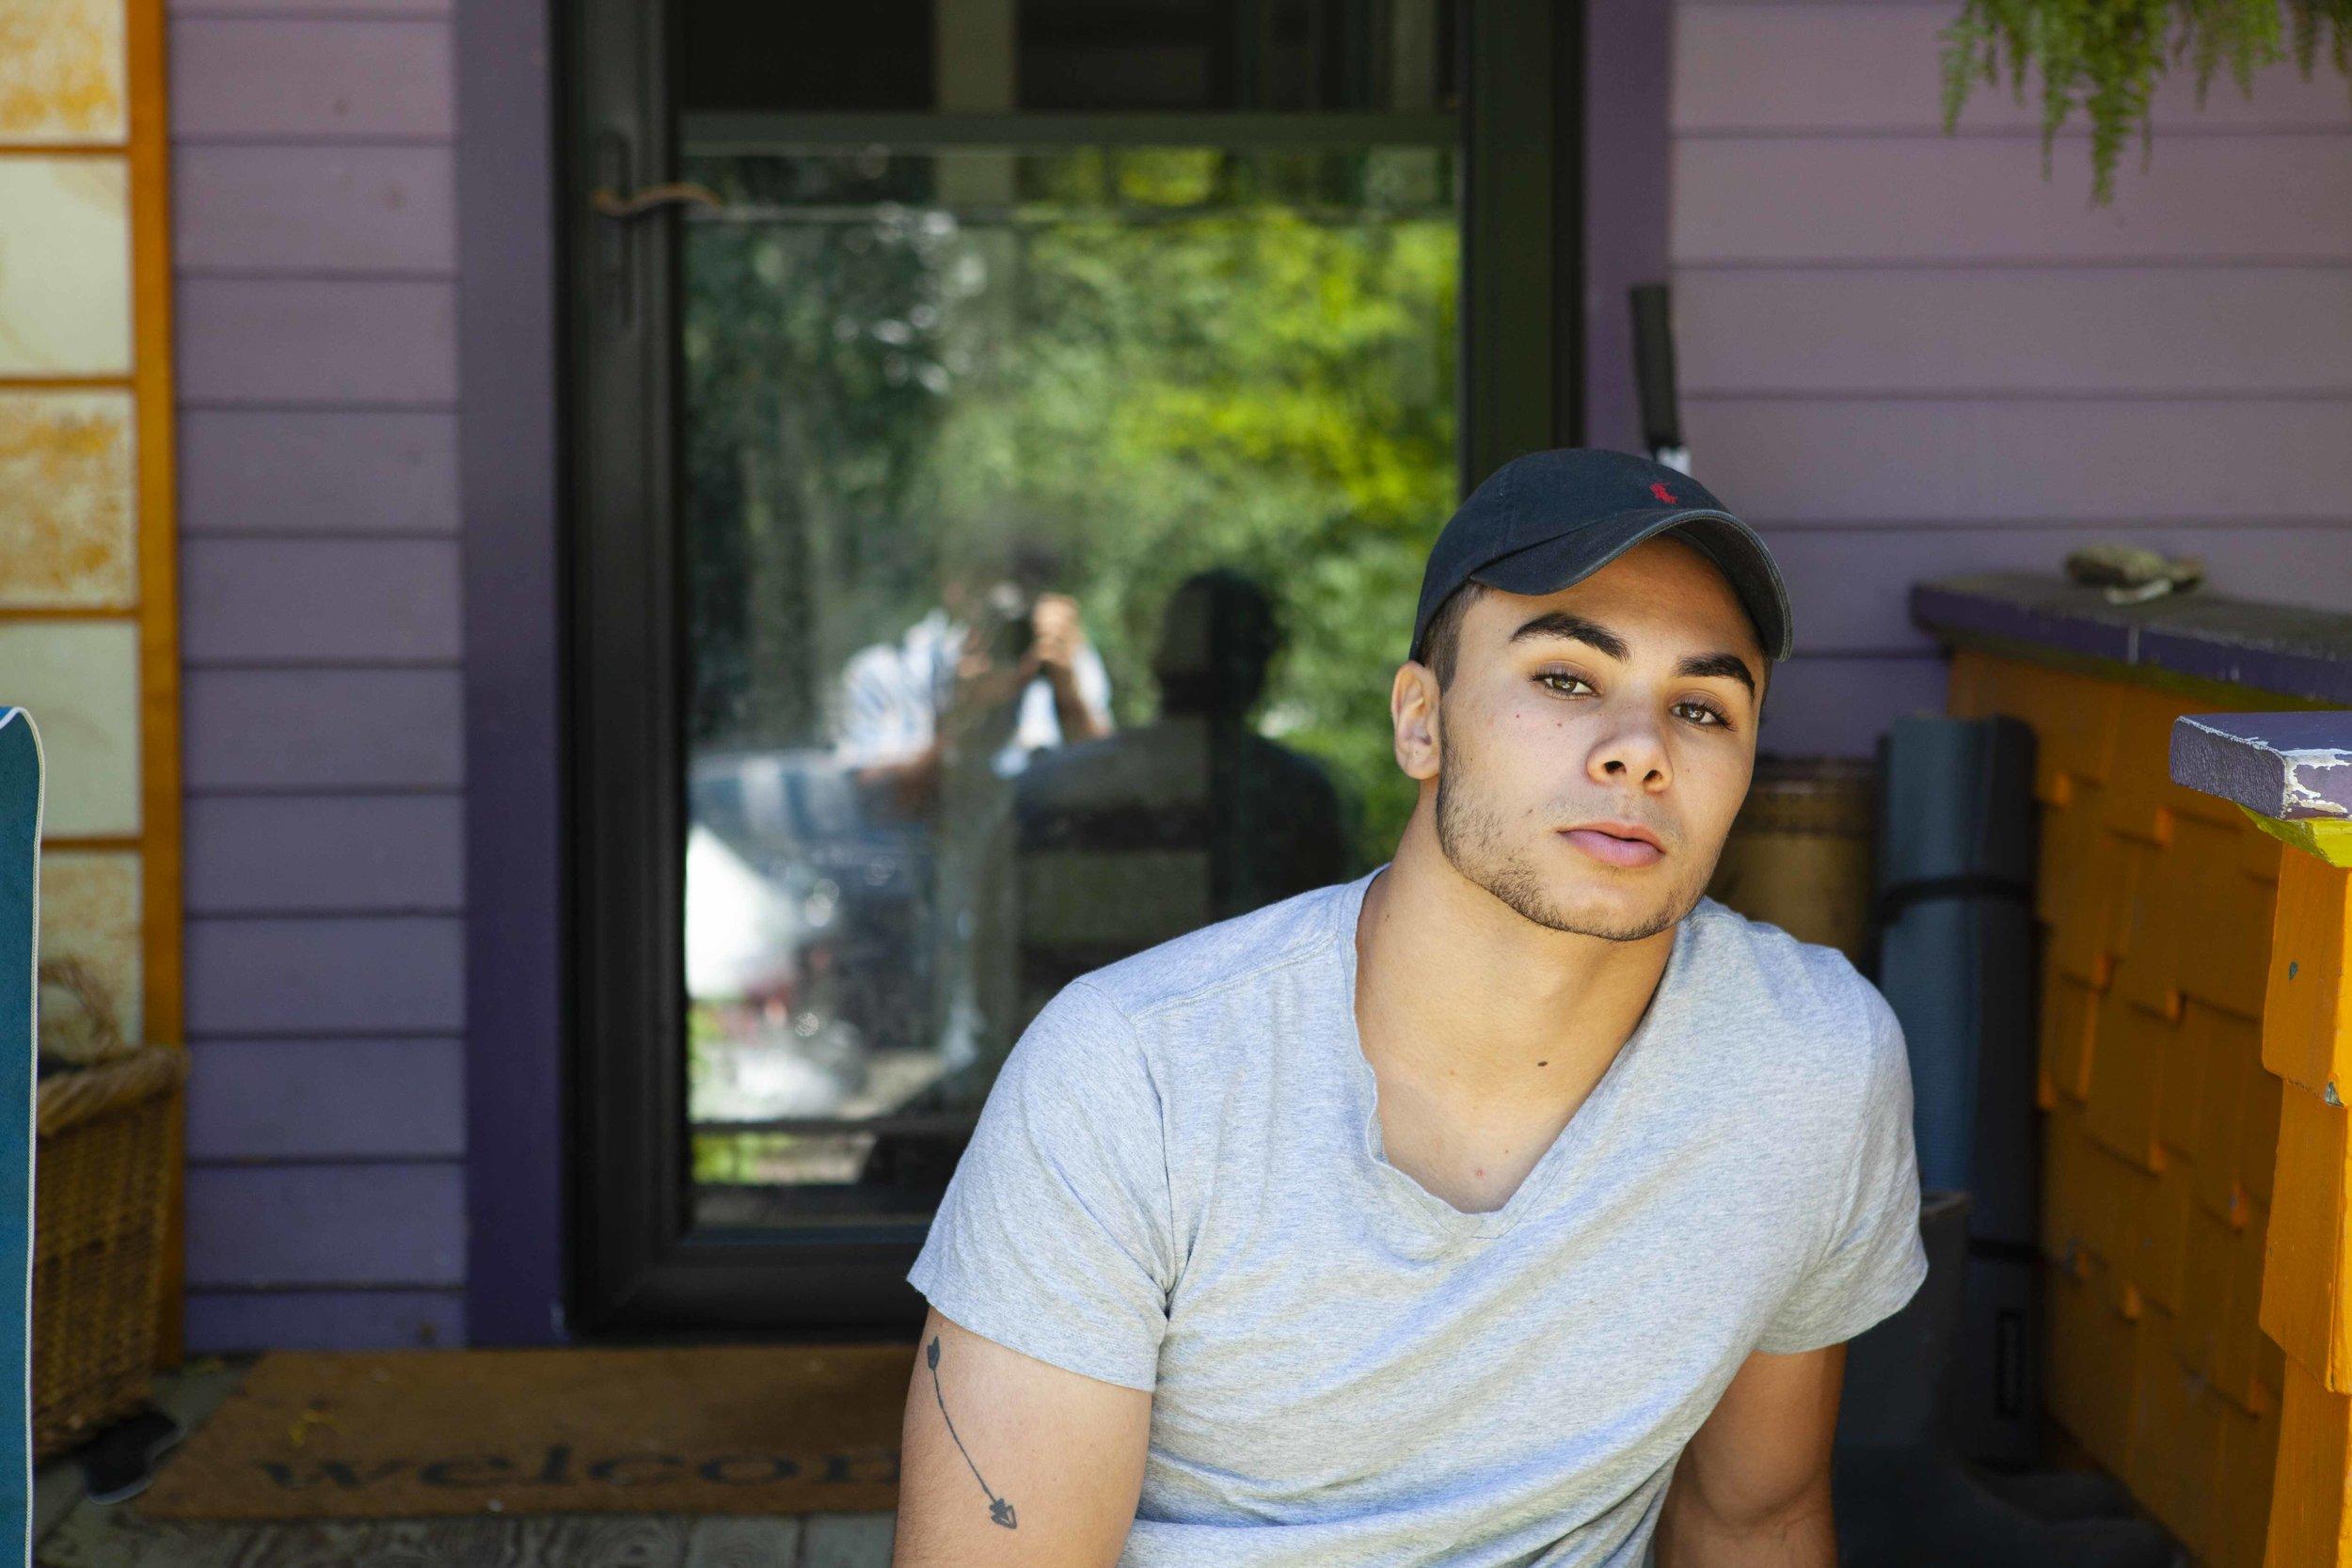 Ps. He's a model. @Haedyngerow